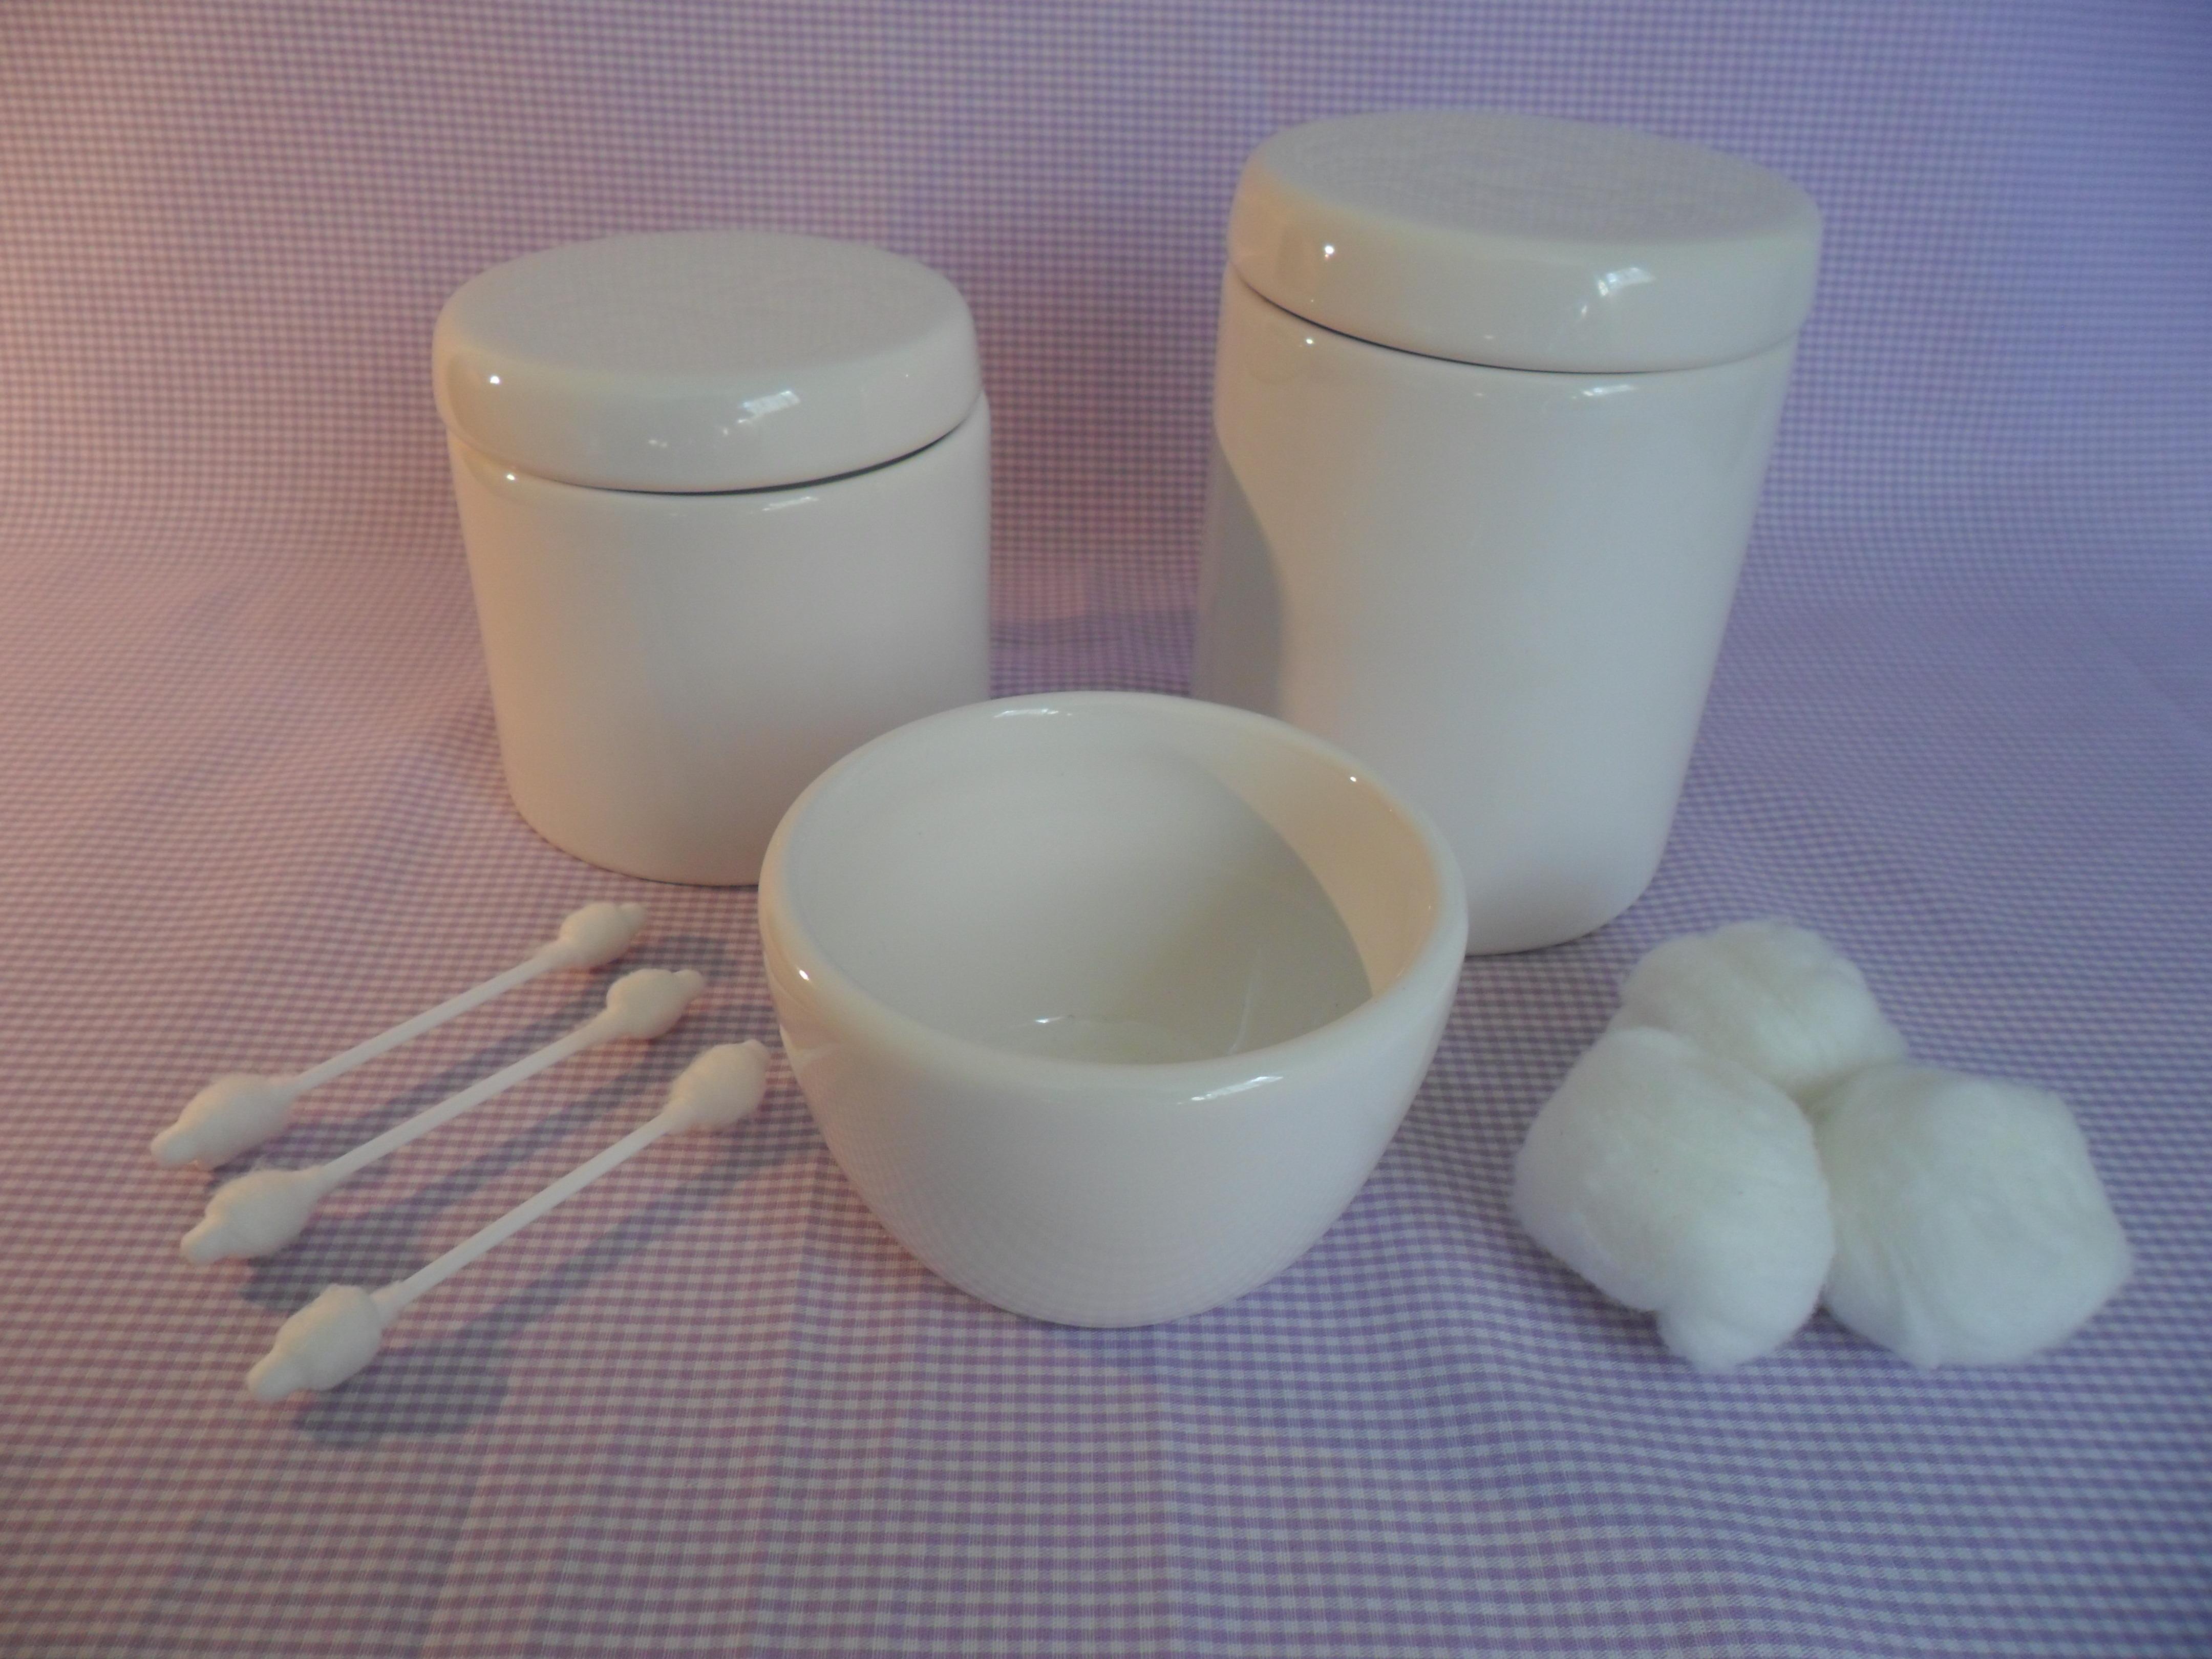 Trio De Potes Em Porcelana Branca Nick Baby Elo7 #7C5C4F 4320 3240